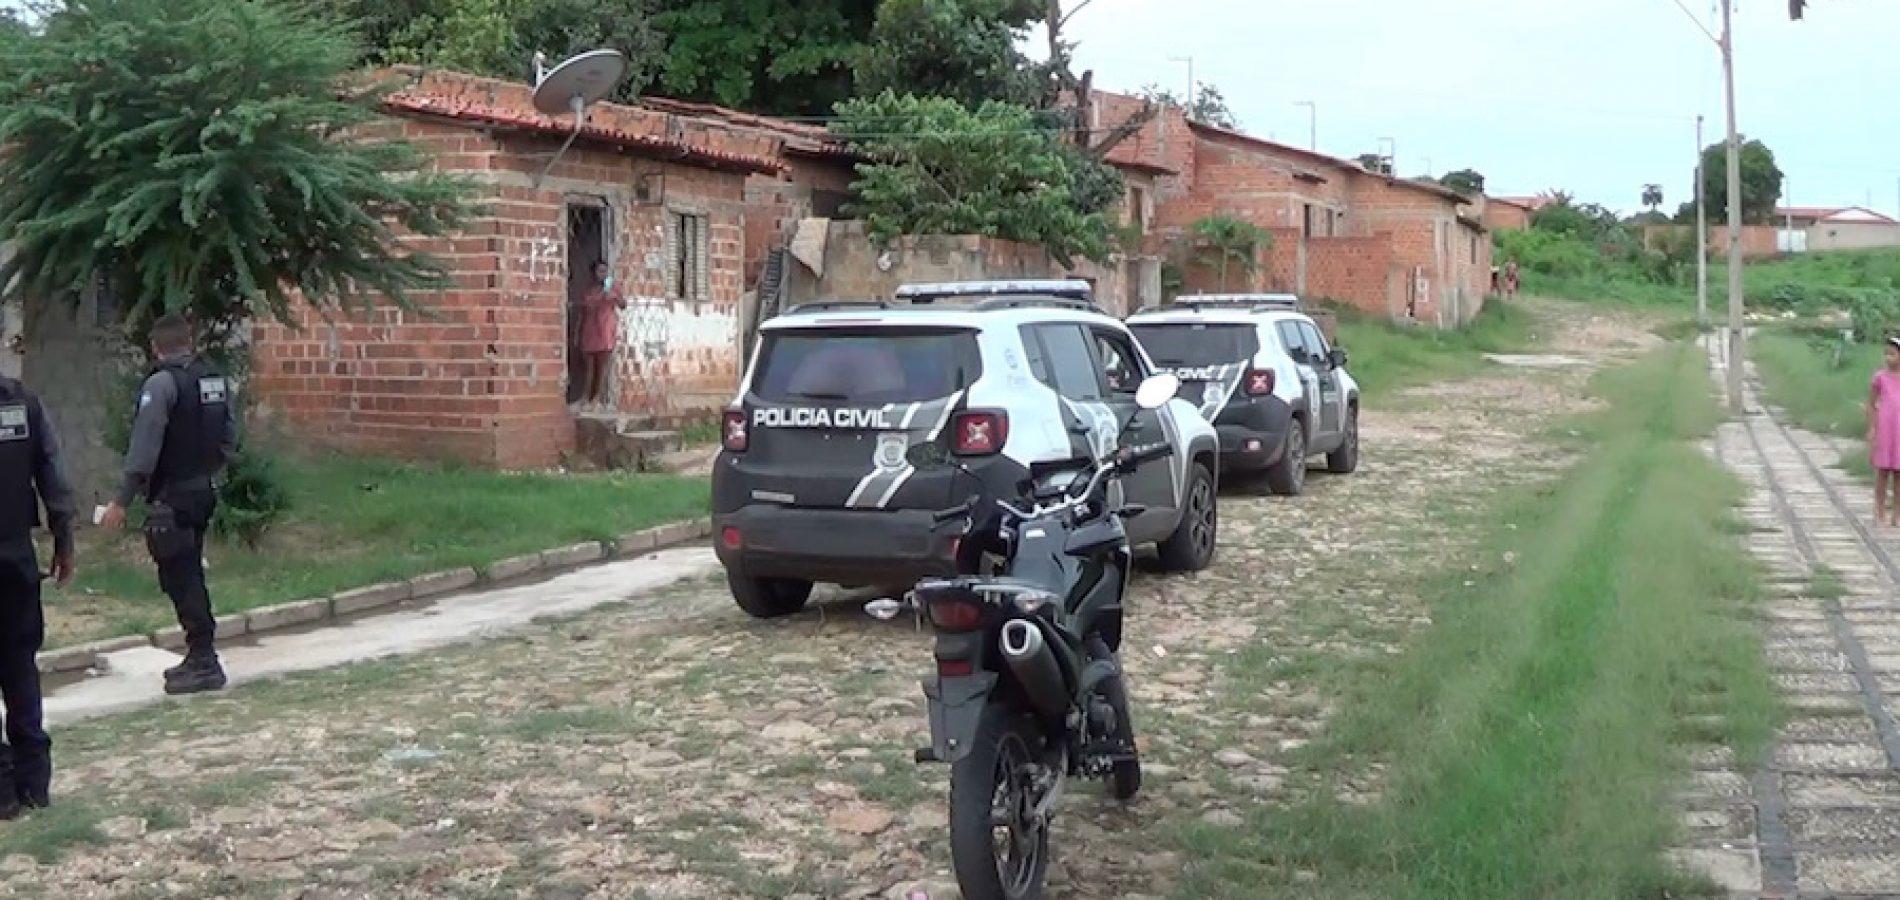 Acusado de estupro vai à delegacia tirar satisfação com policial e é preso